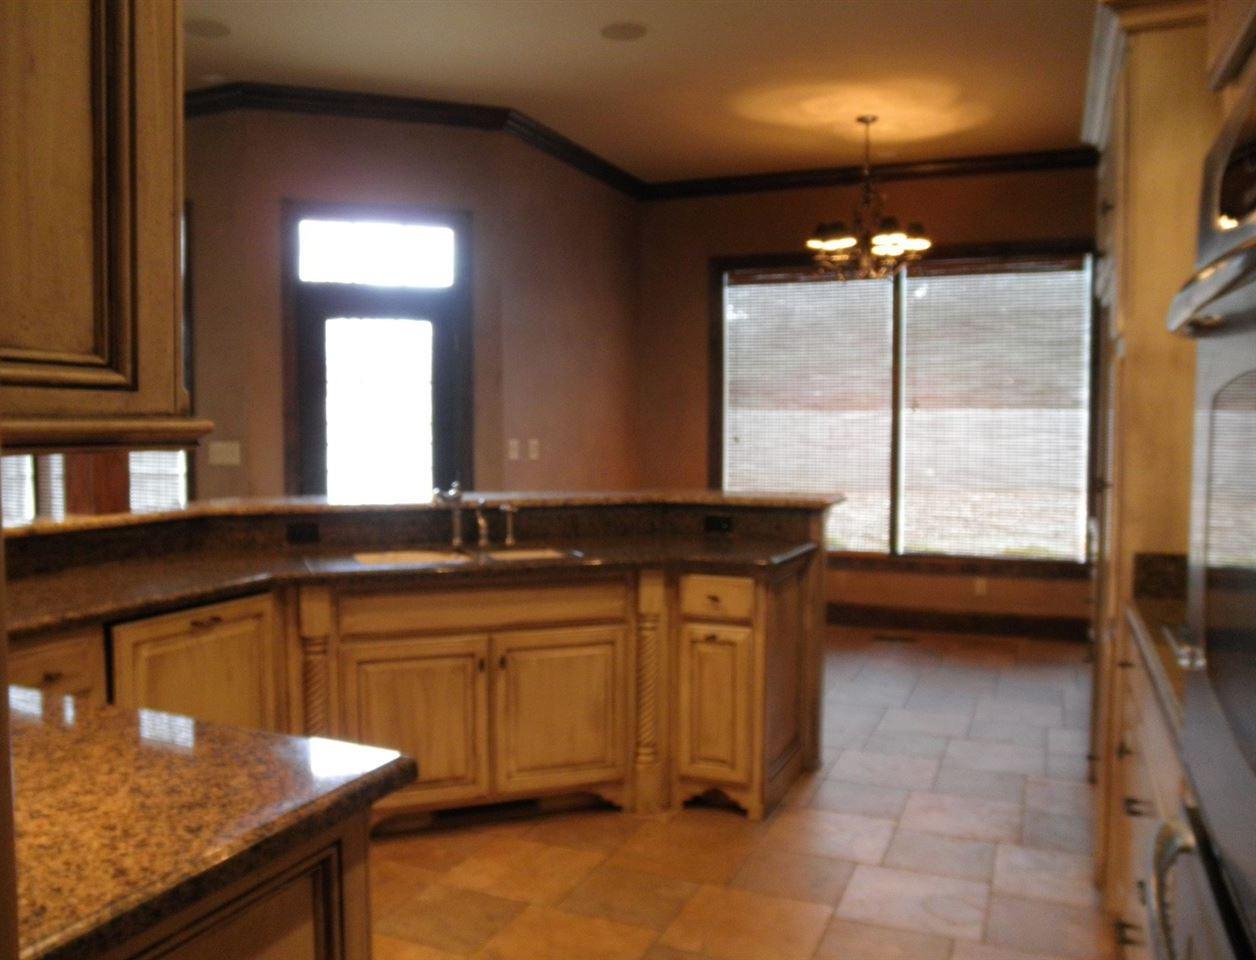 Sold Cross Sale W/ MLS | 2705 Mockingbird  Ponca City, OK 74604 8